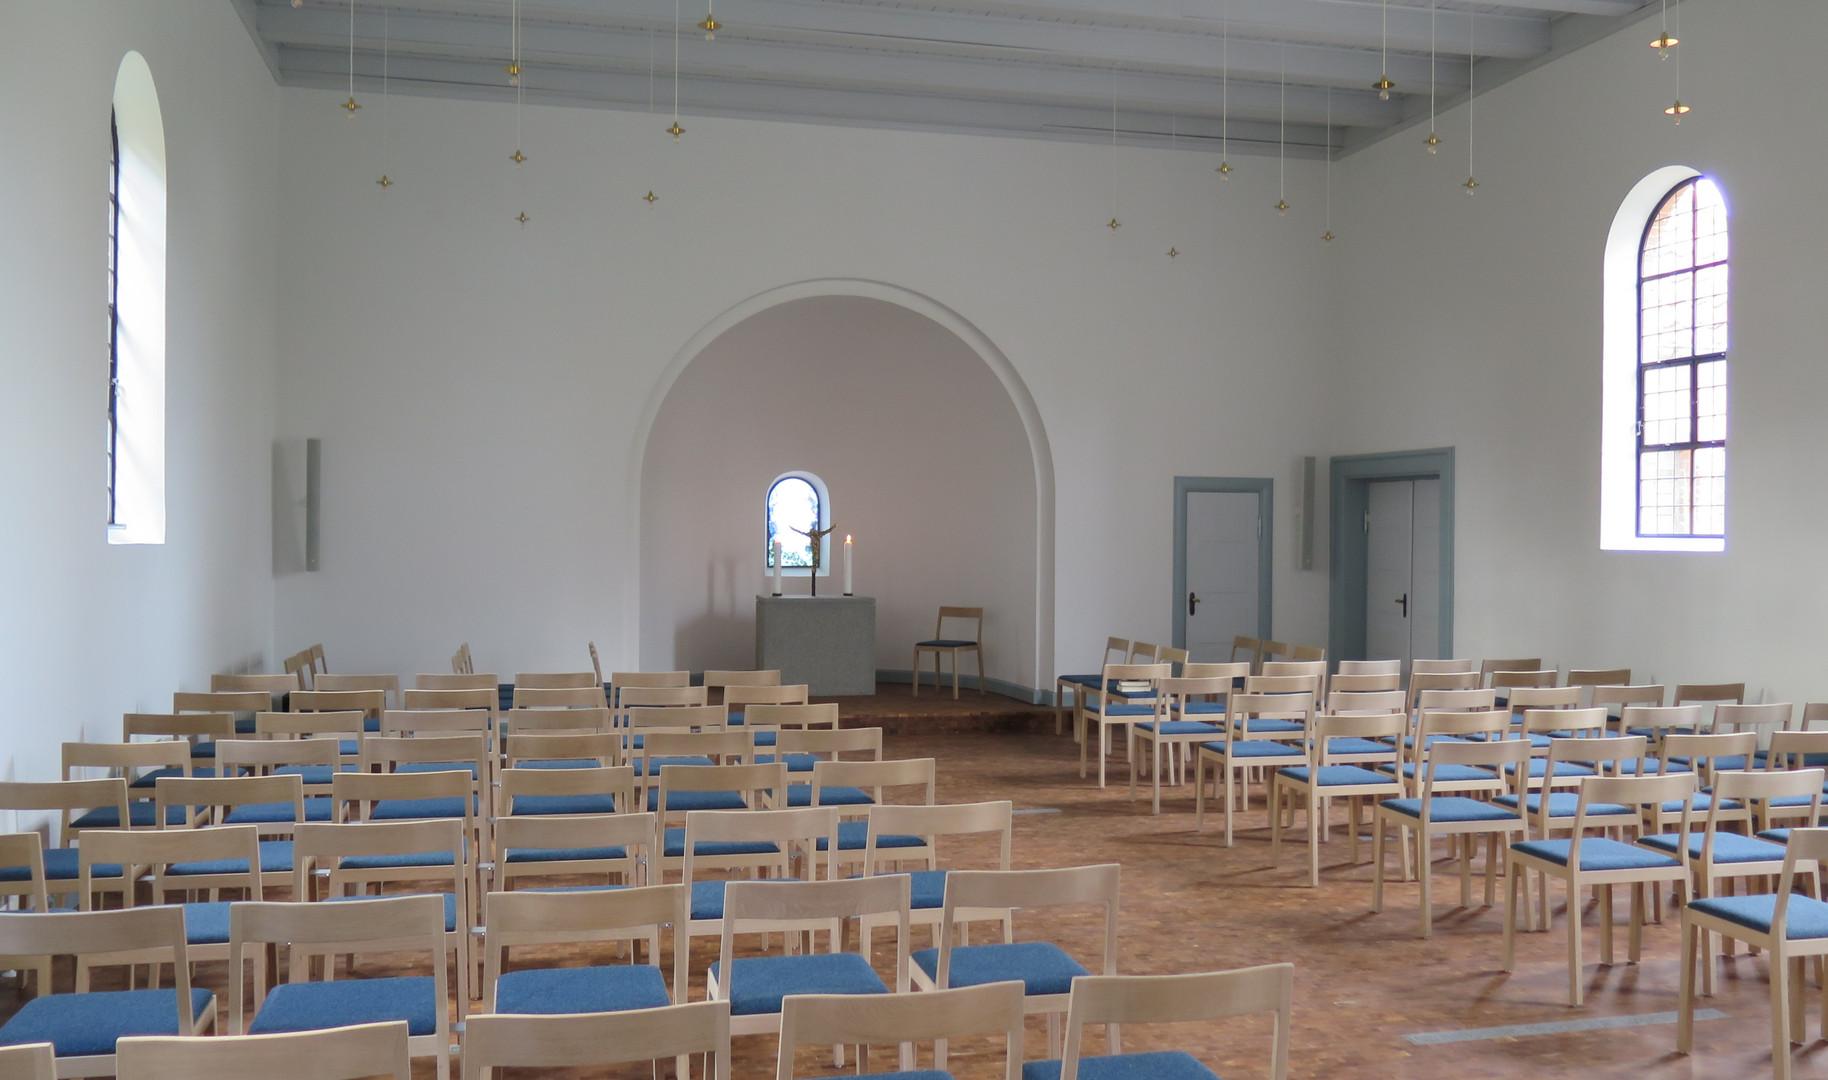 Nyhuse kapel